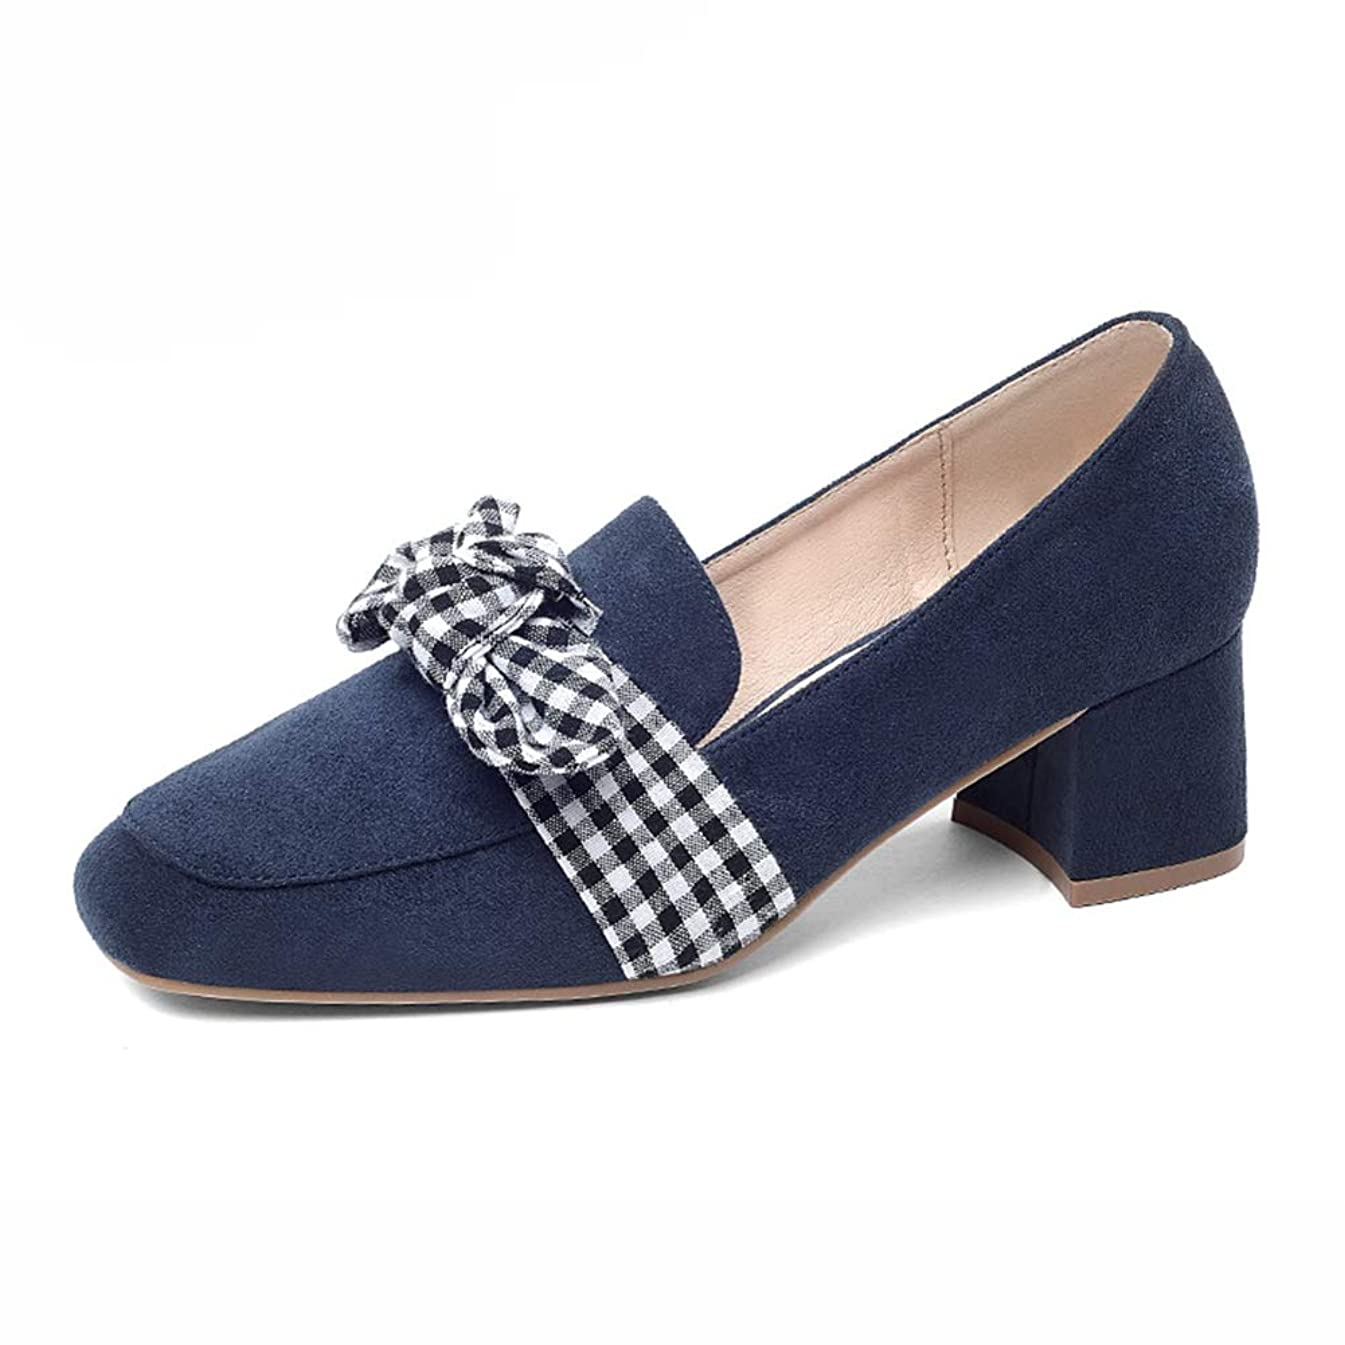 直面するステンレスなんでもHWF レディースシューズ 女性のミッドヒールファッションスクエアトウシューズ女性ボウノットの秋の靴 (色 : 青, サイズ さいず : 37)